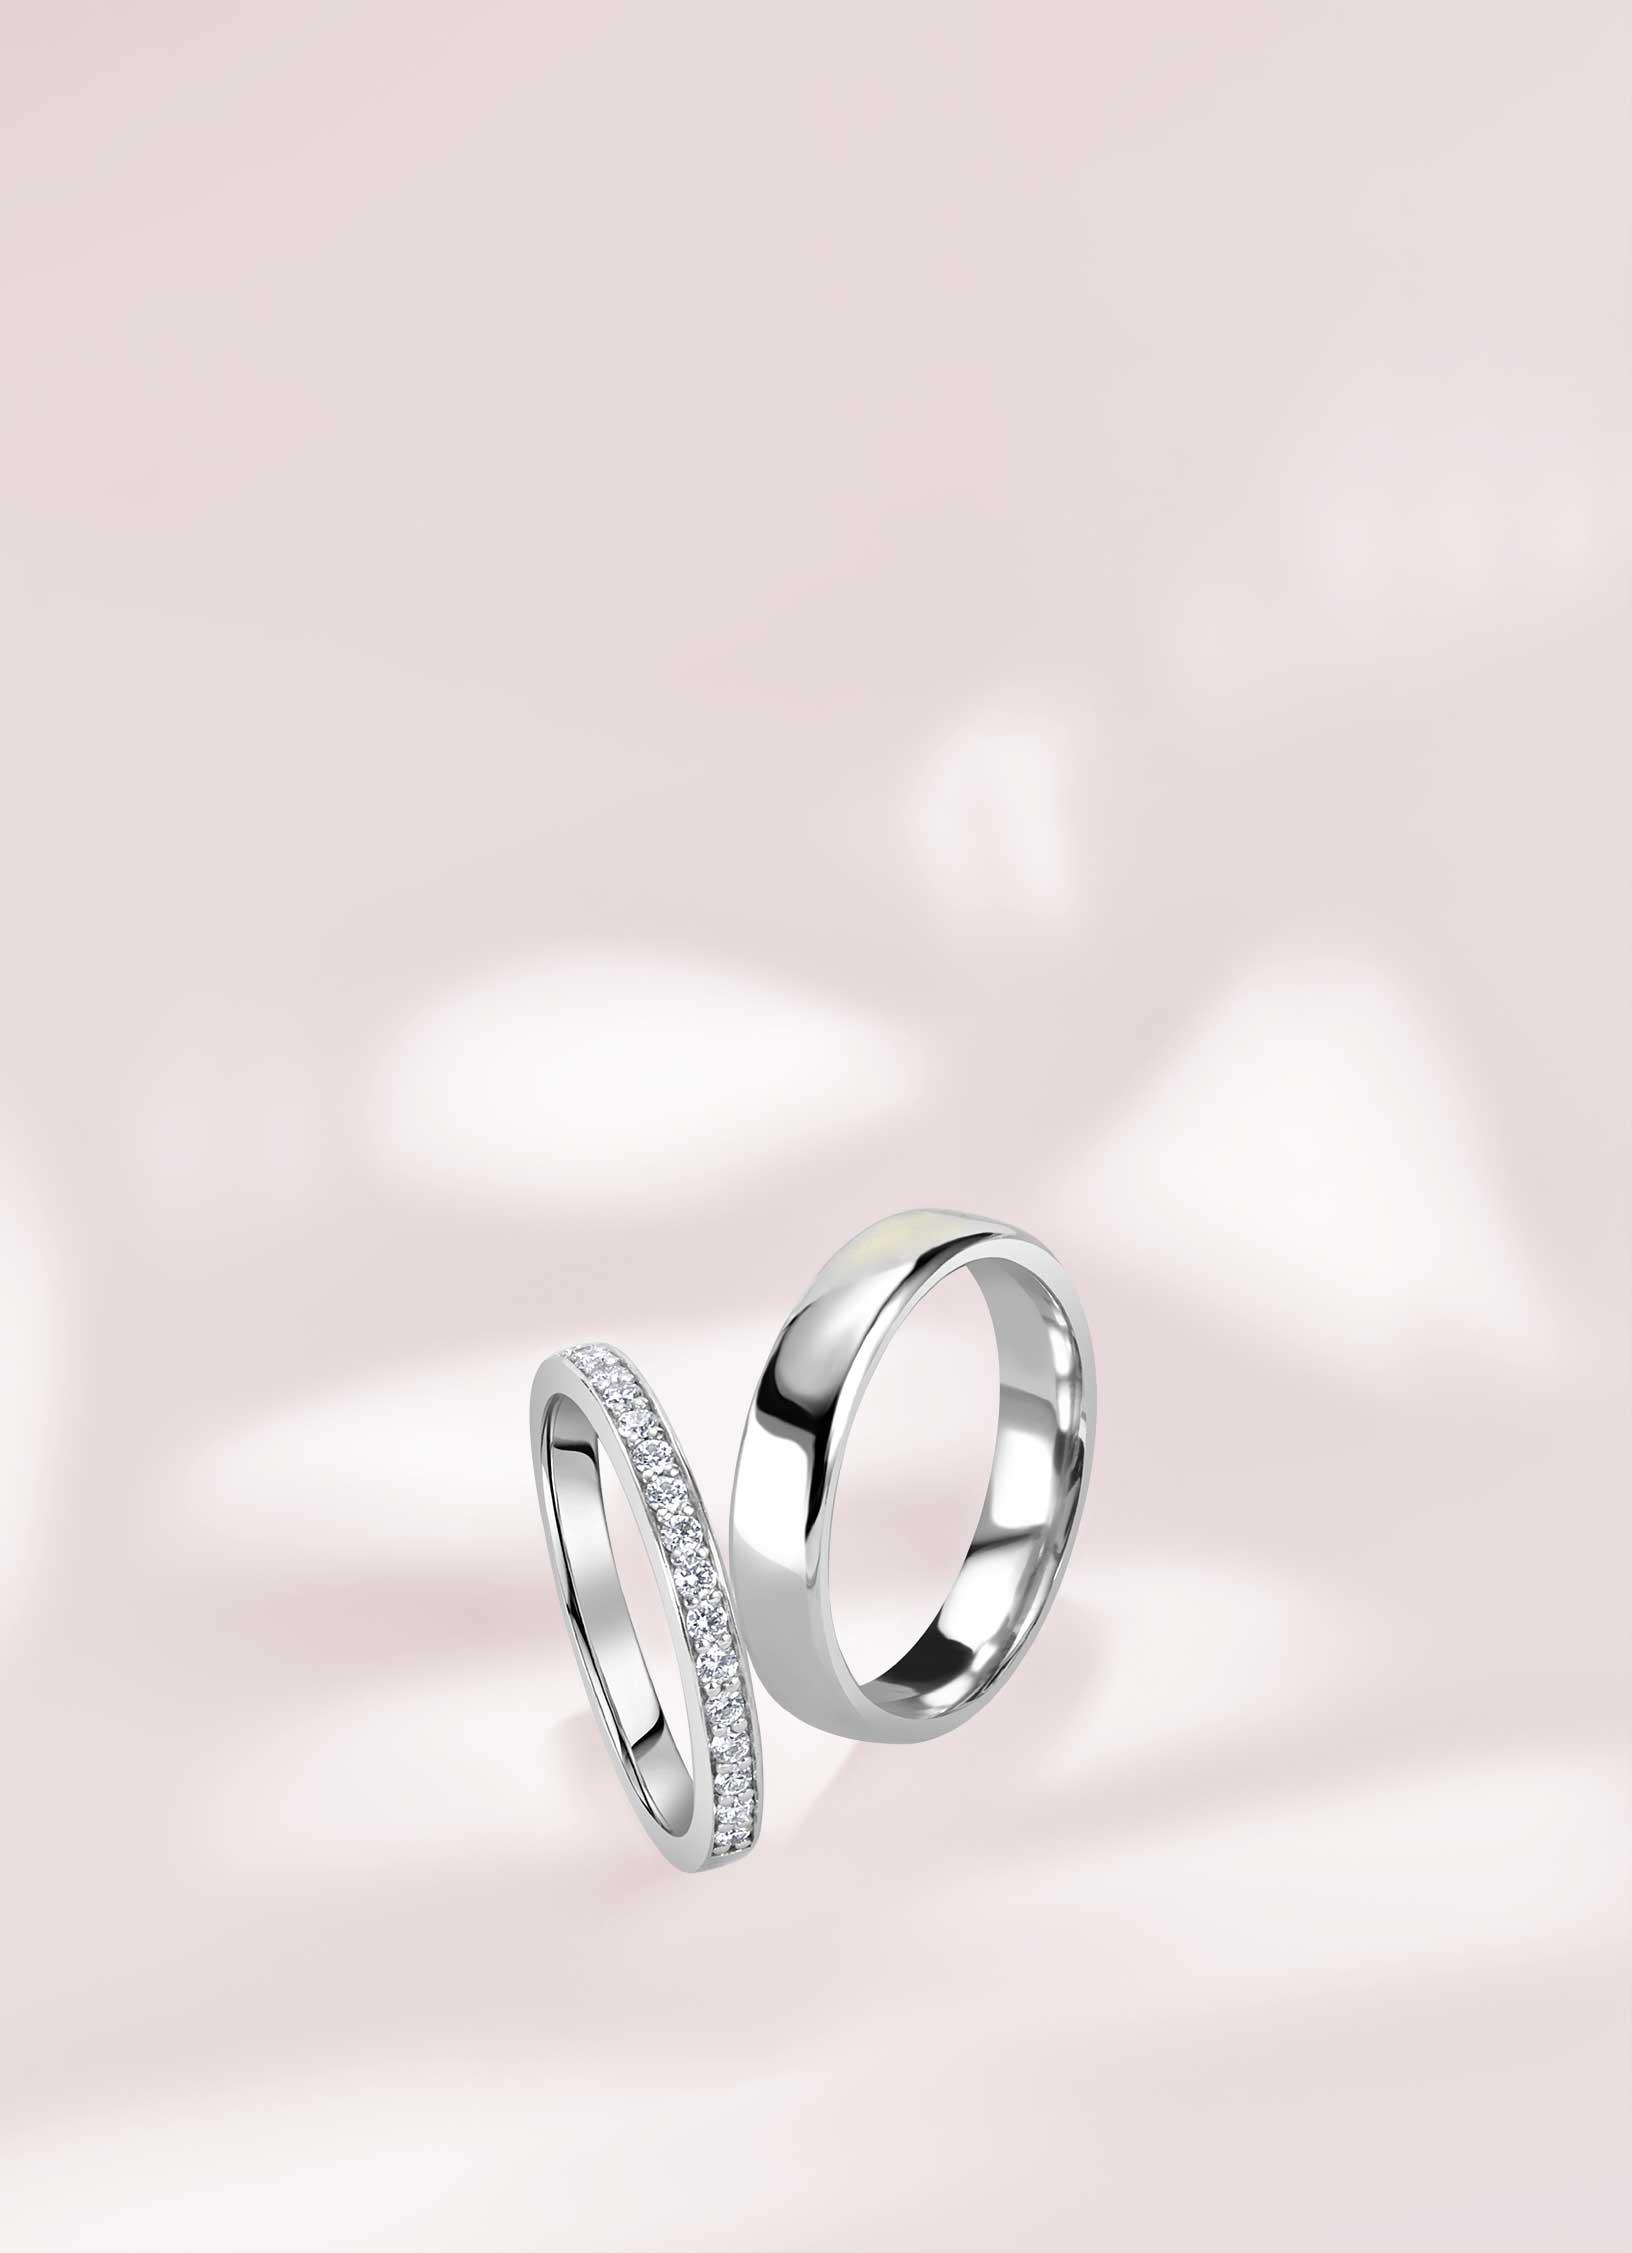 White Gold Wedding Rings - Steven Stone